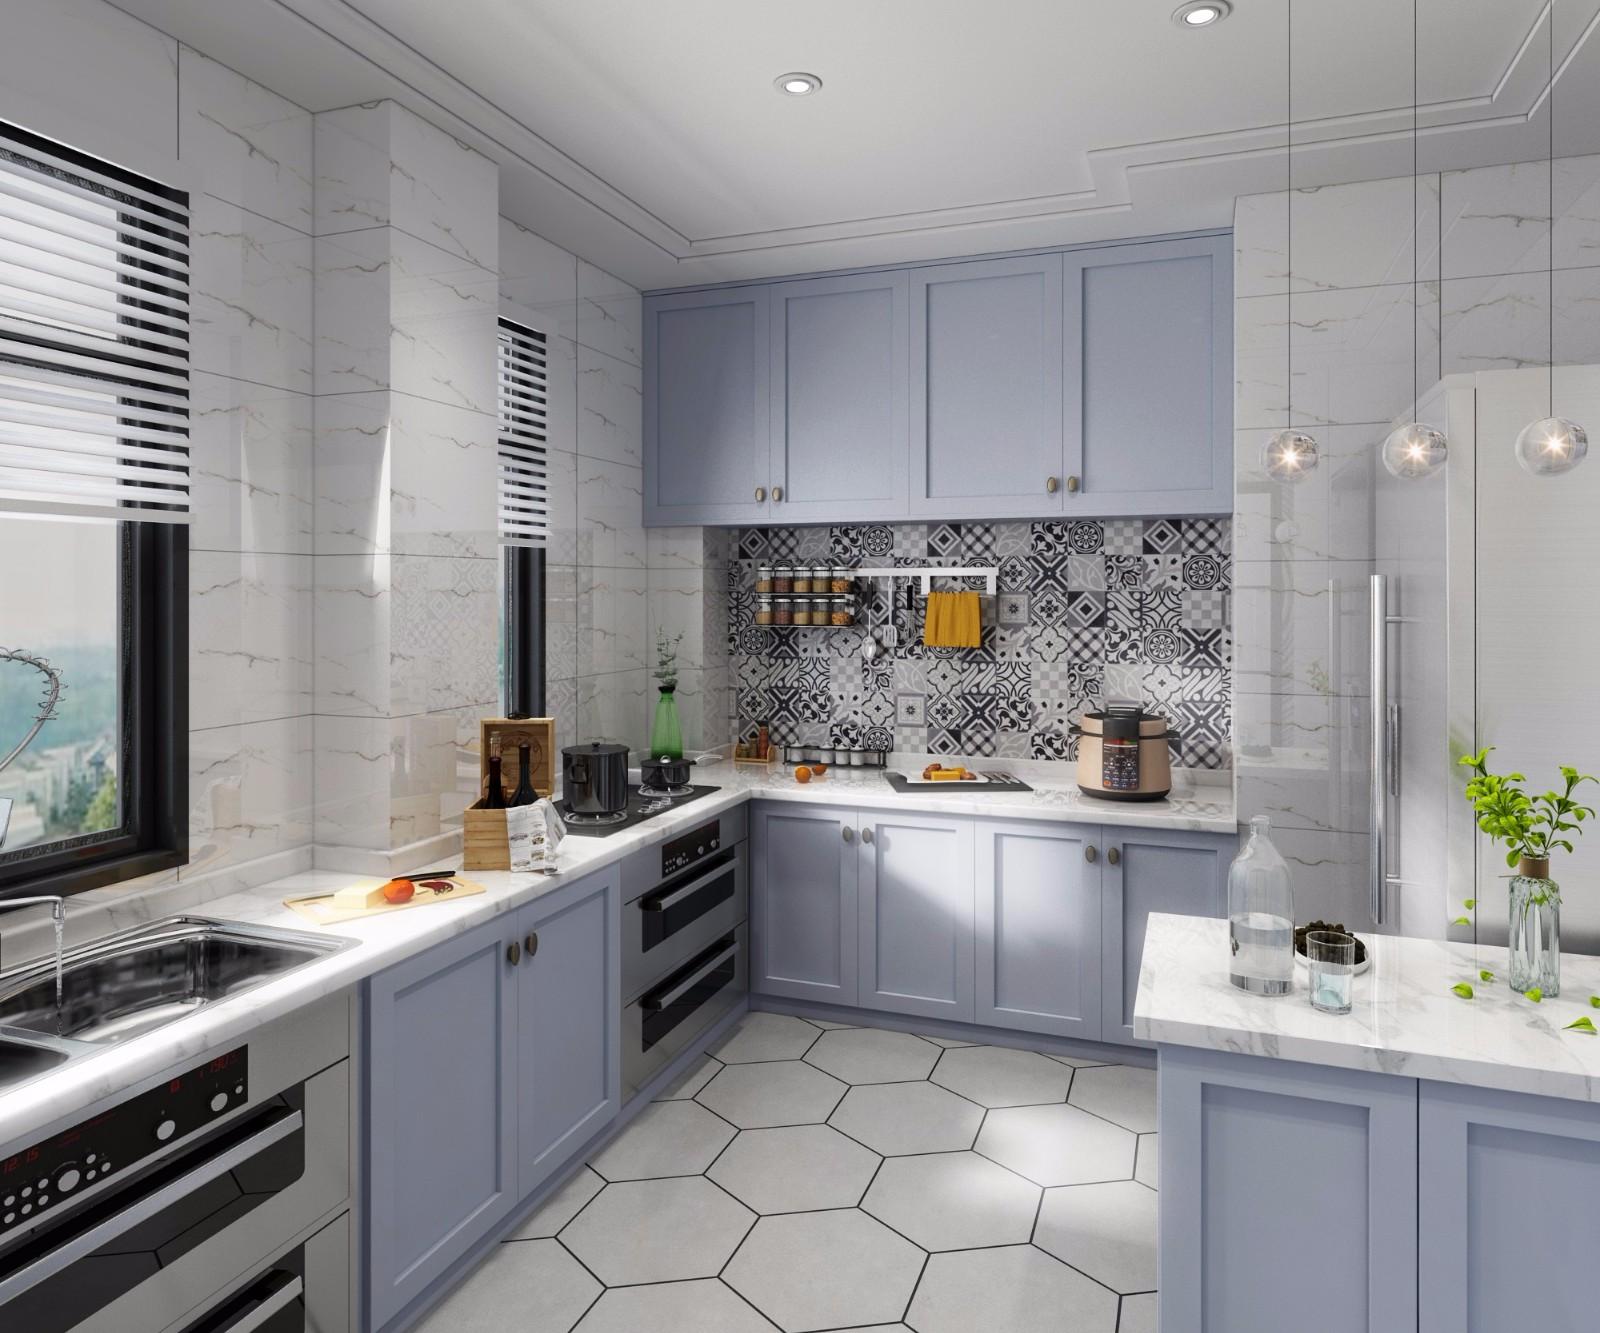 2019年厨房装修效果图大全,厨房装修最新案例